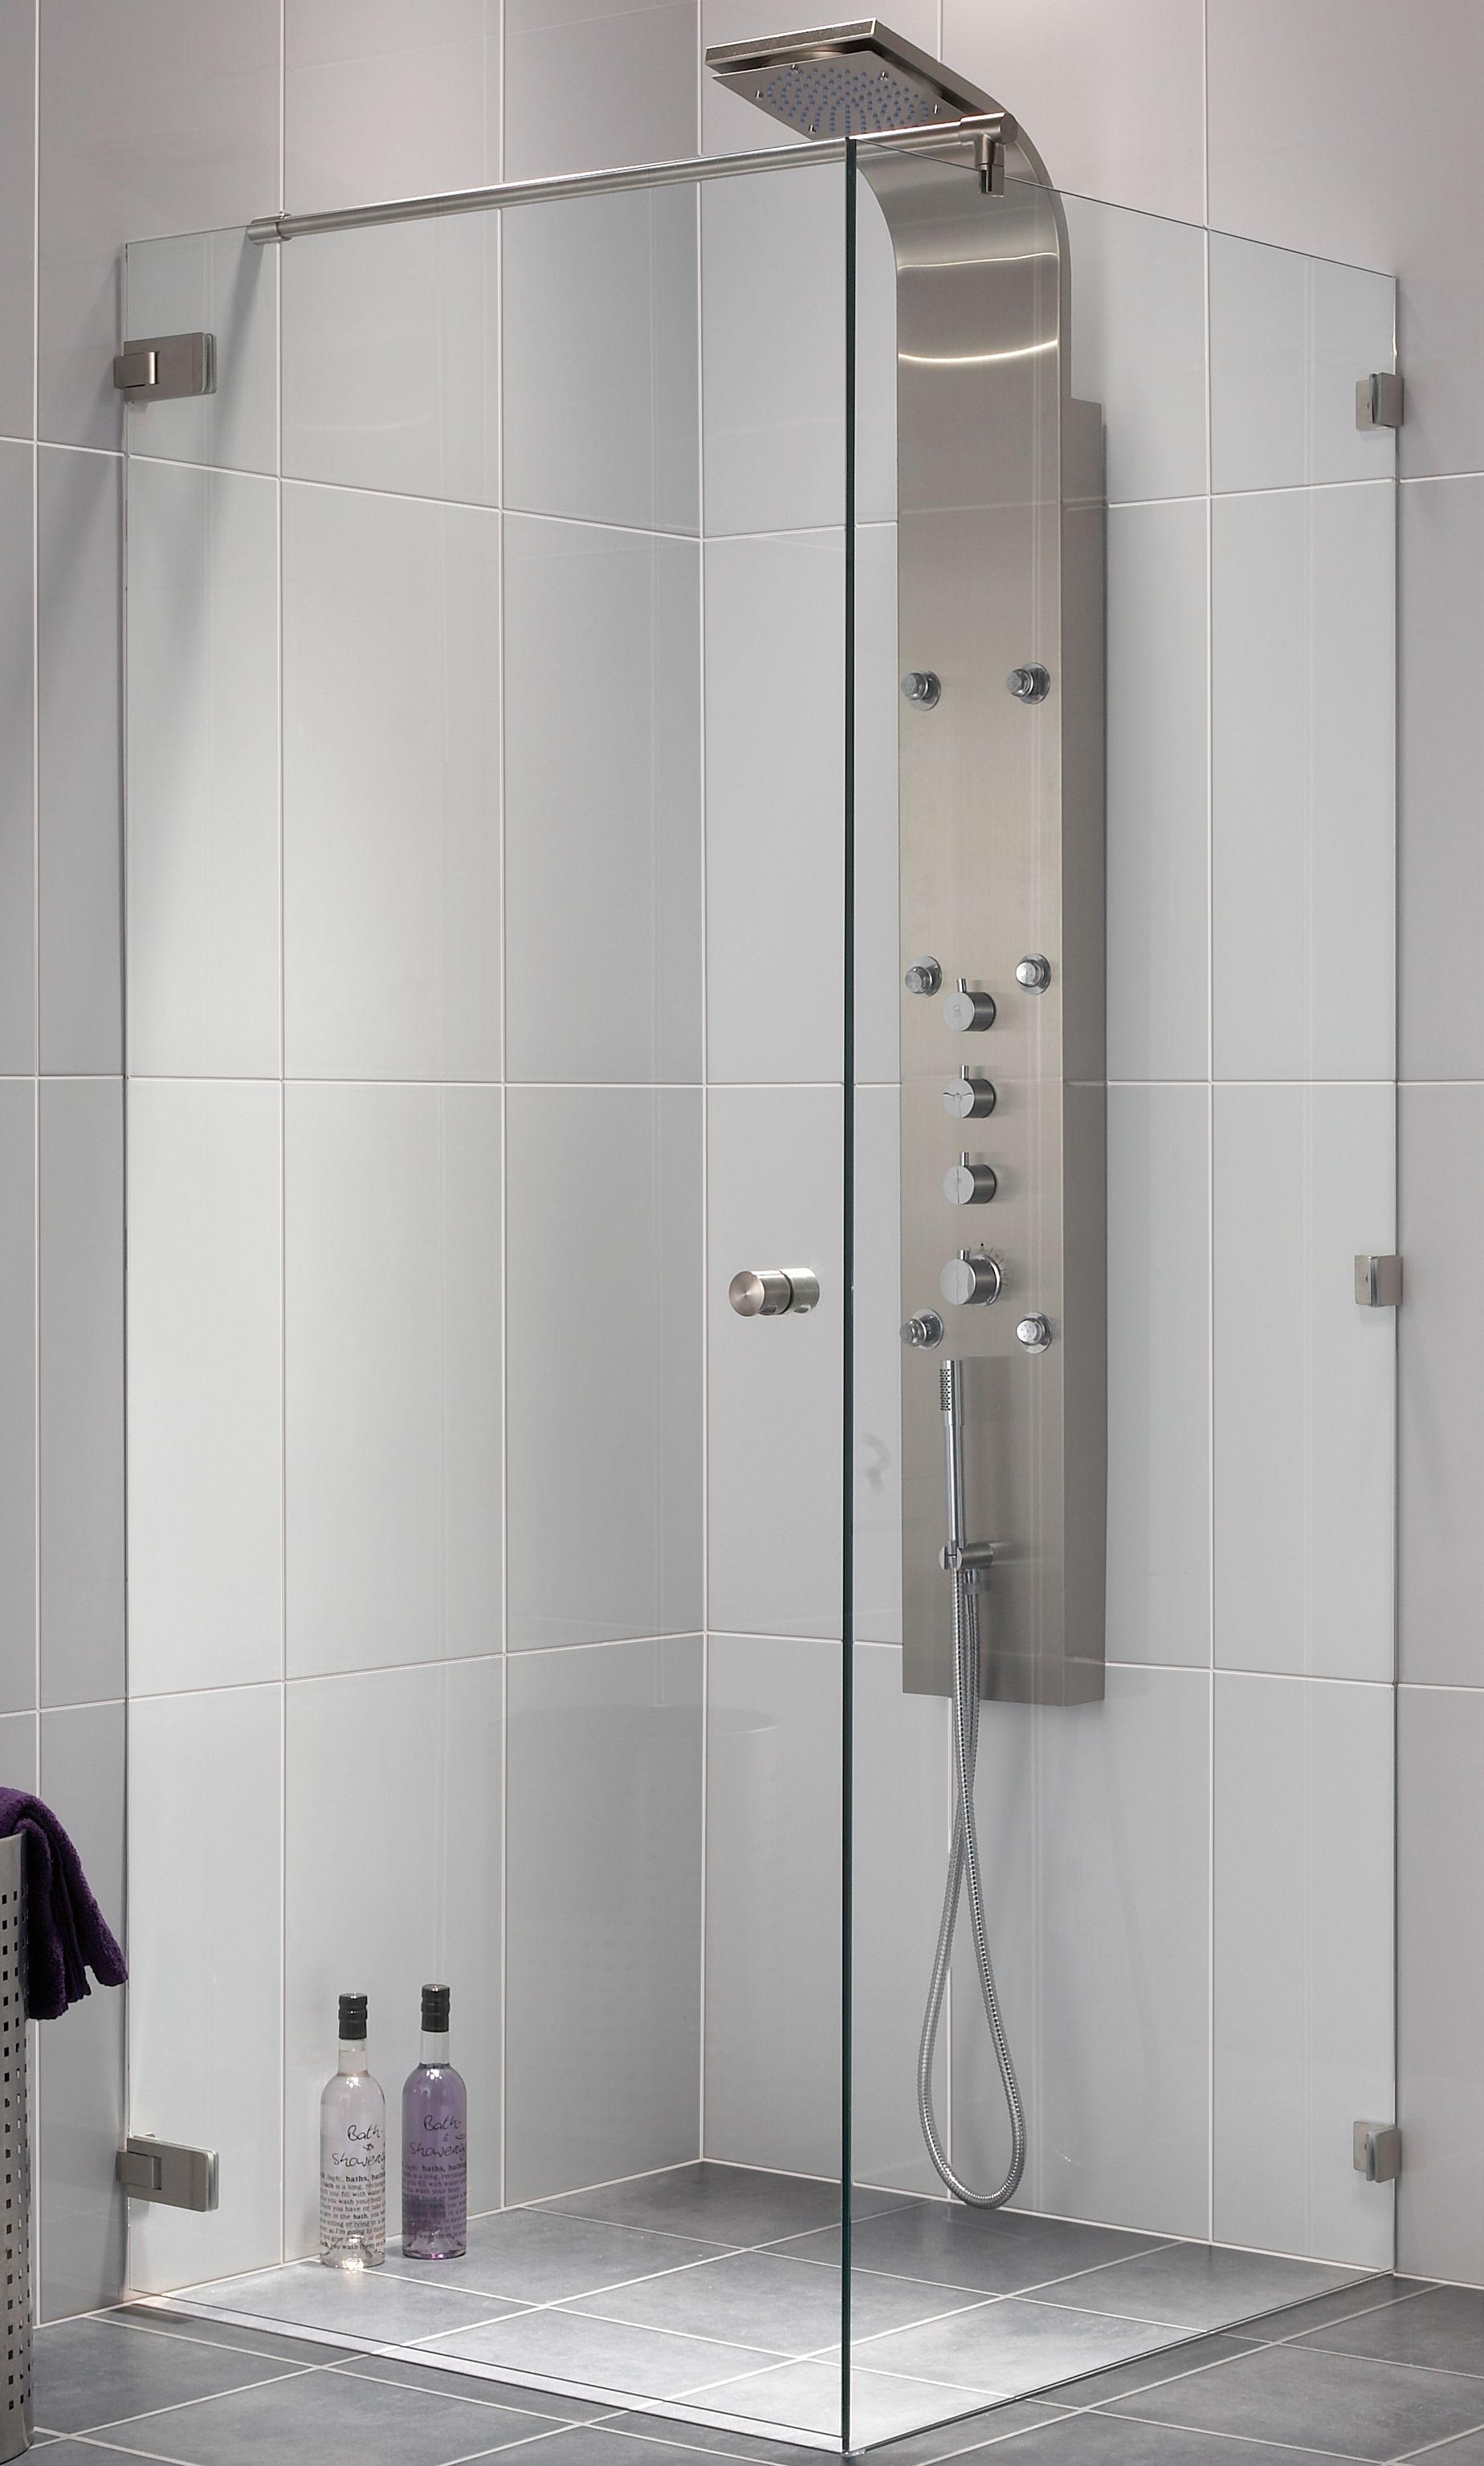 Aqualux Couture Draaideur links/rechts 86,4x199,2 cm rvs